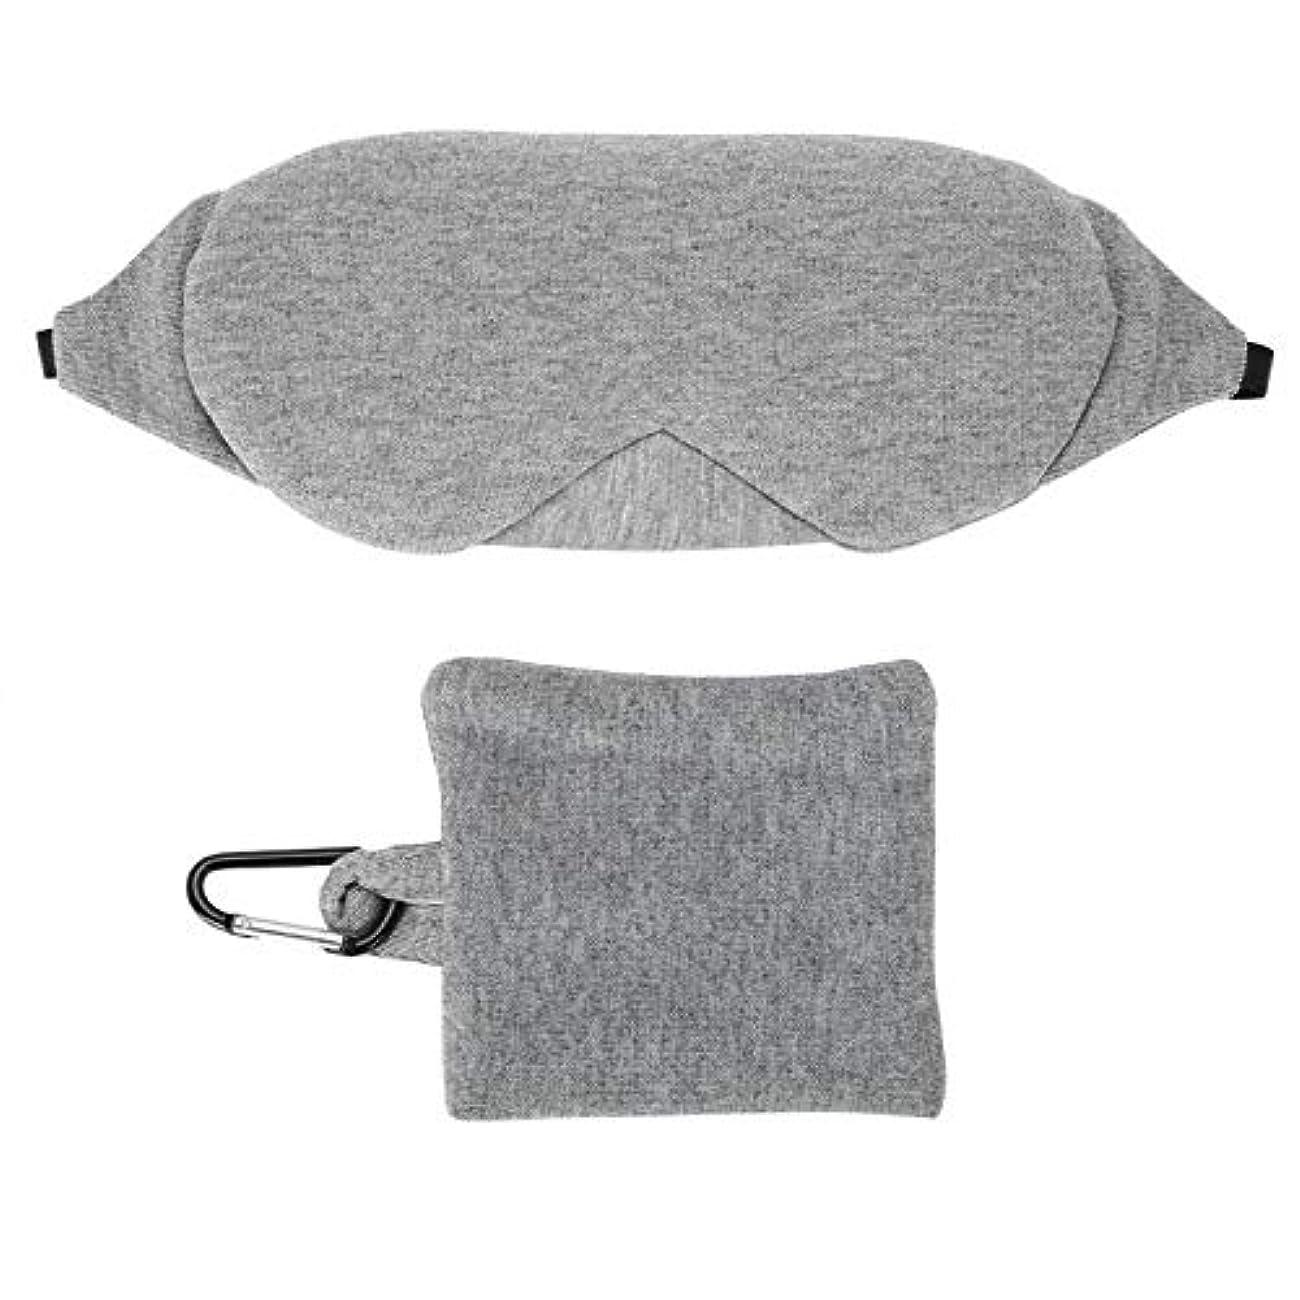 NOTE 新しい調節可能な睡眠マスク通気性アイシェードカバー目隠しアイパッチ睡眠マスク助け不眠症ケアツール